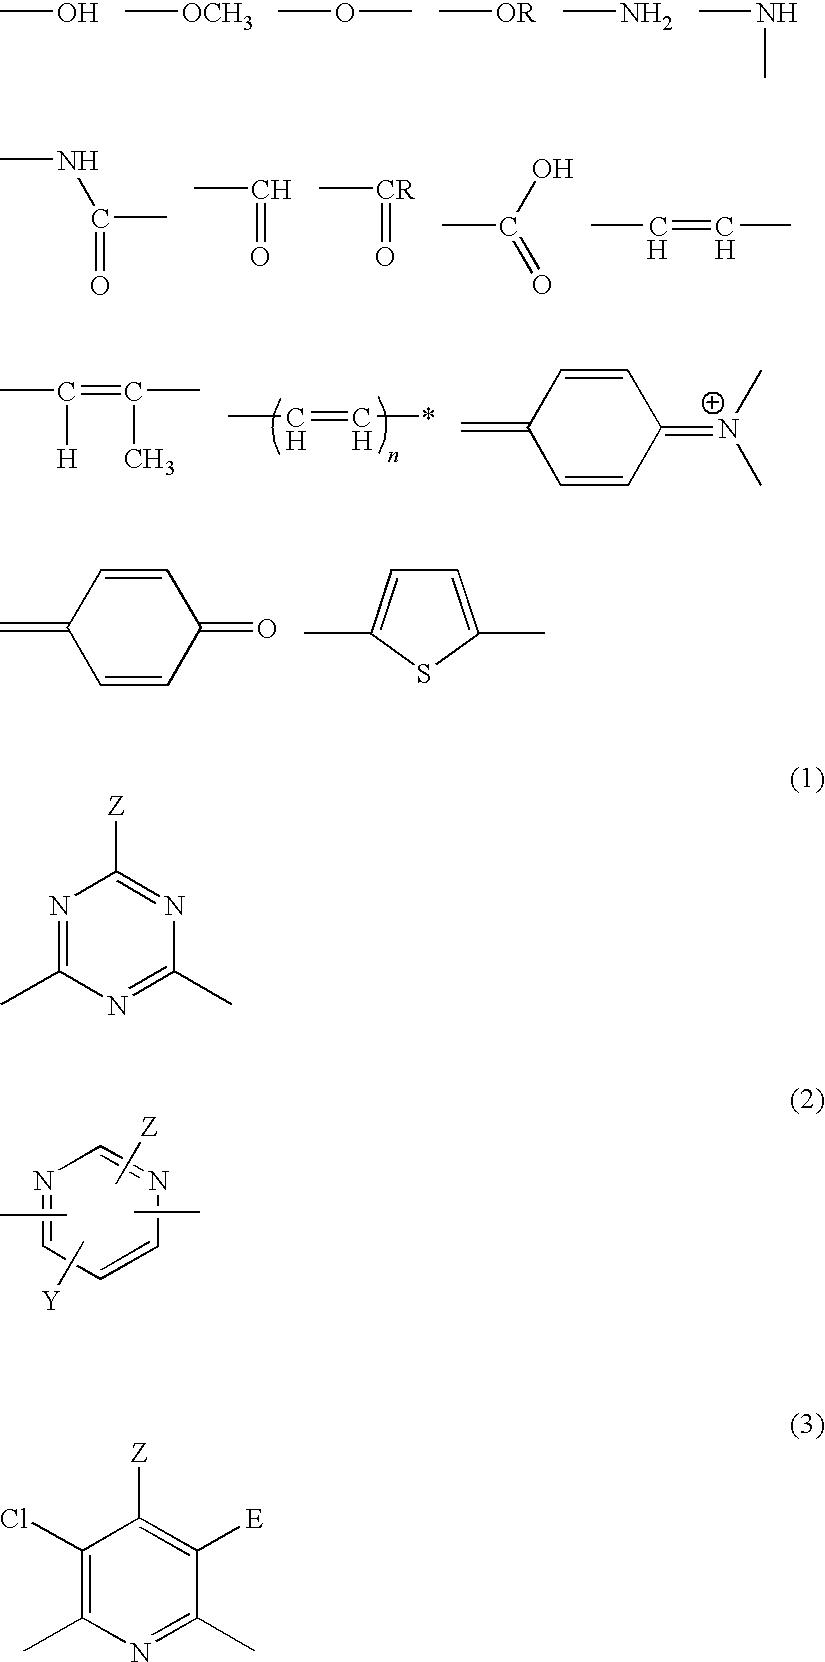 Figure US20090078889A1-20090326-C00002